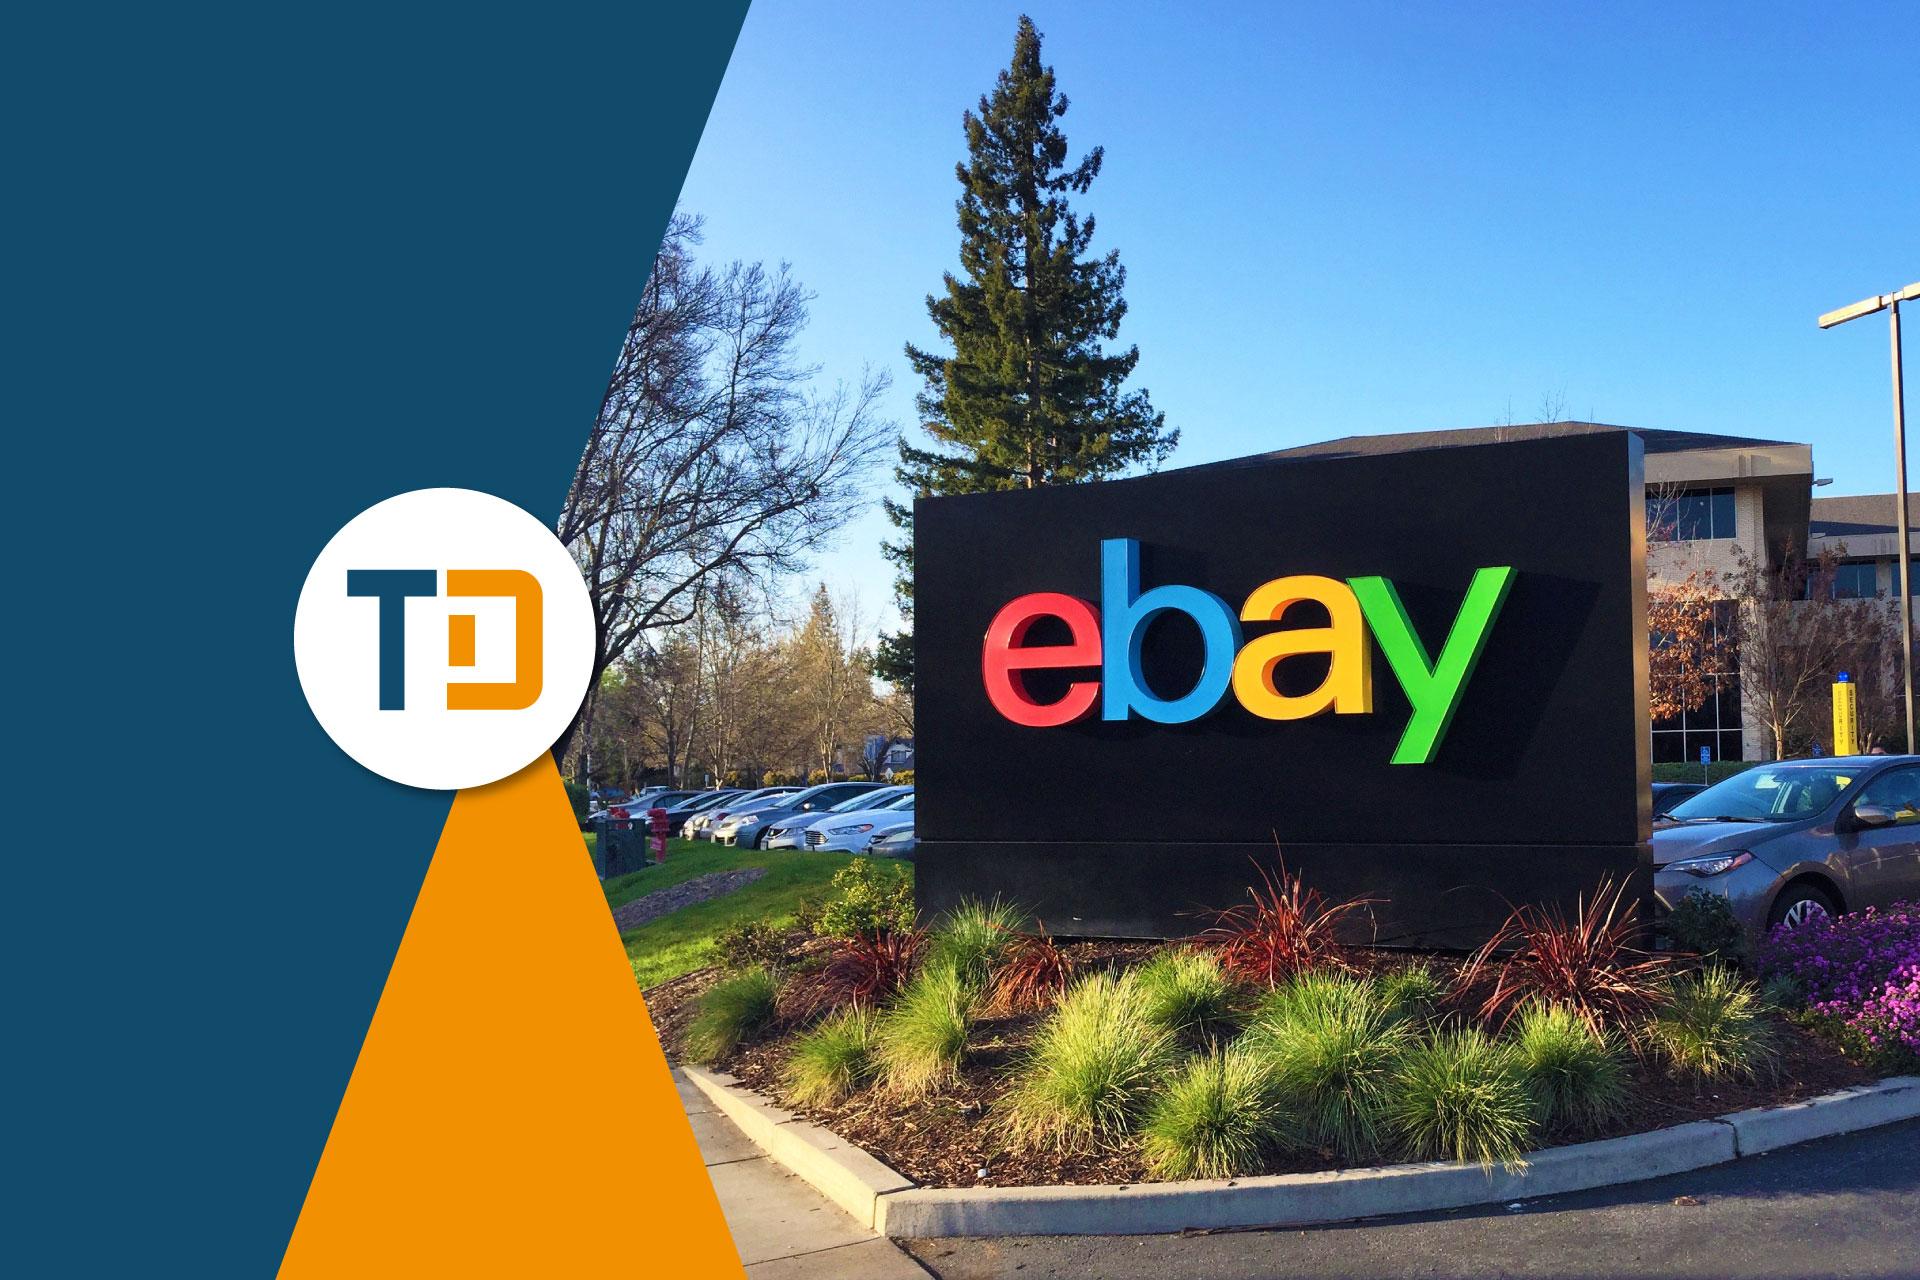 Vendere su ebay: pagamenti diretti